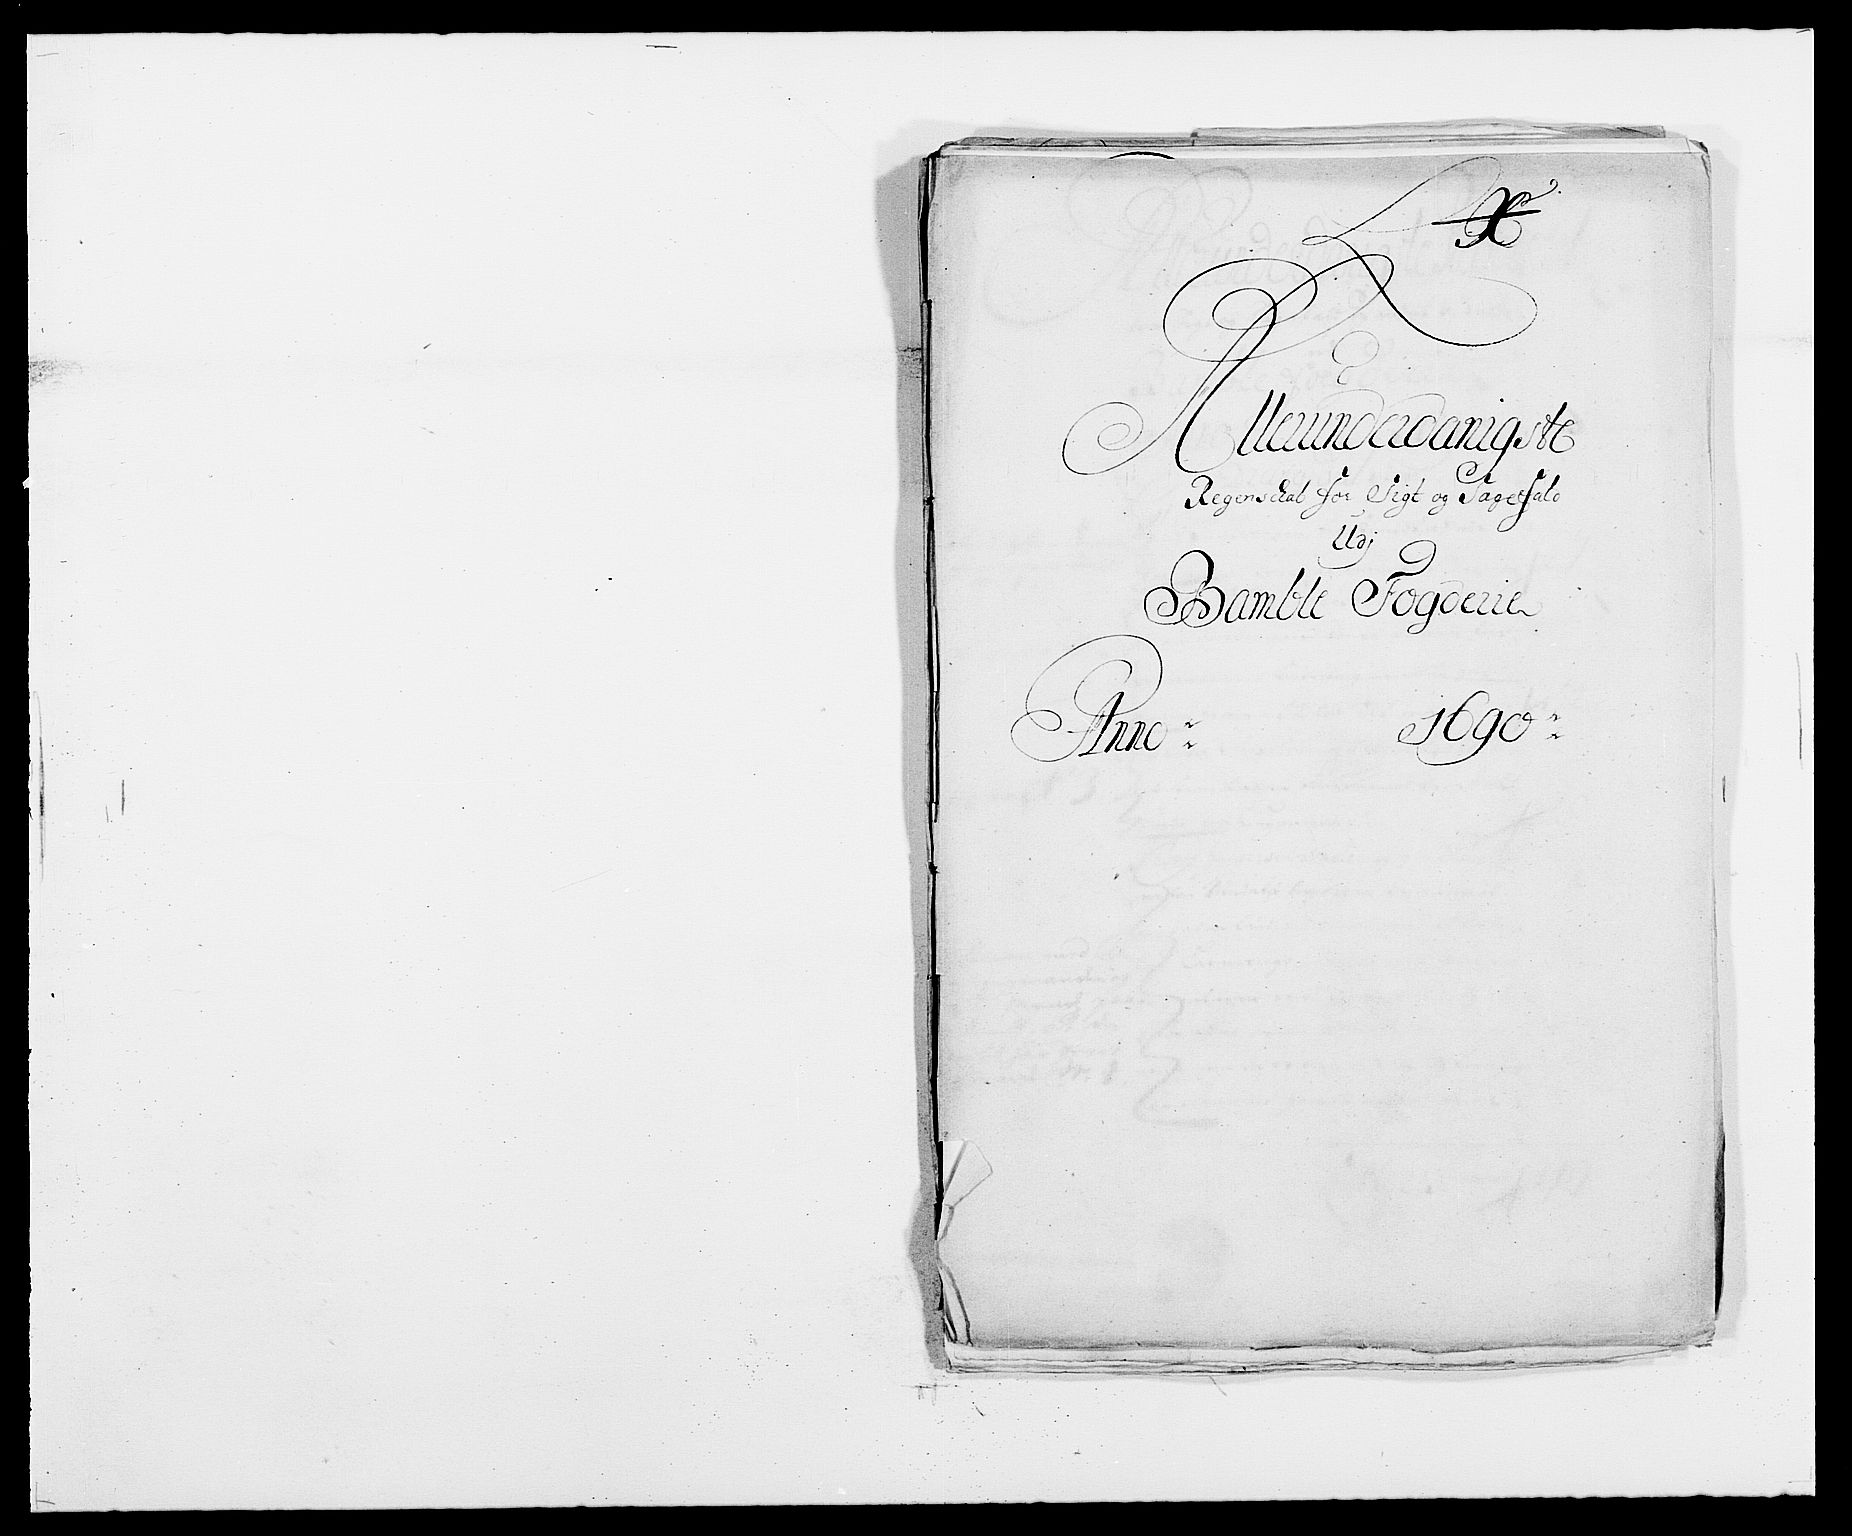 RA, Rentekammeret inntil 1814, Reviderte regnskaper, Fogderegnskap, R34/L2051: Fogderegnskap Bamble, 1688-1691, s. 1